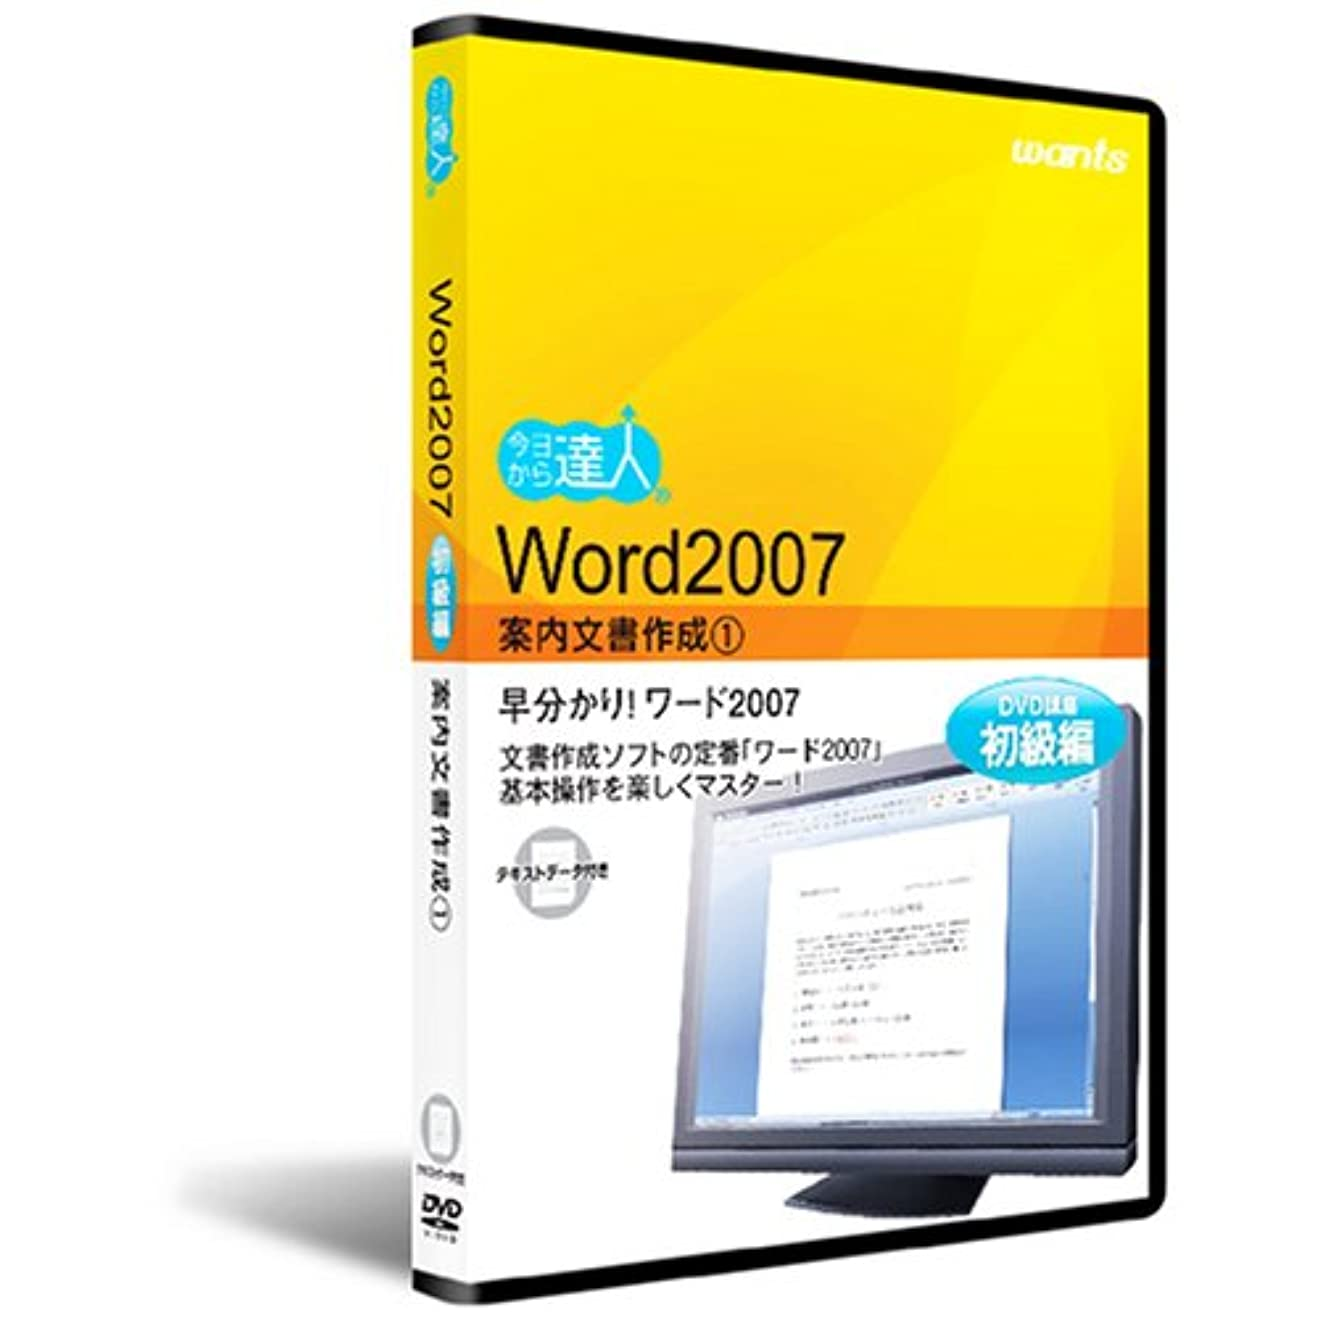 分数契約オークランドワード2007 DVD講座:案内文章作成1